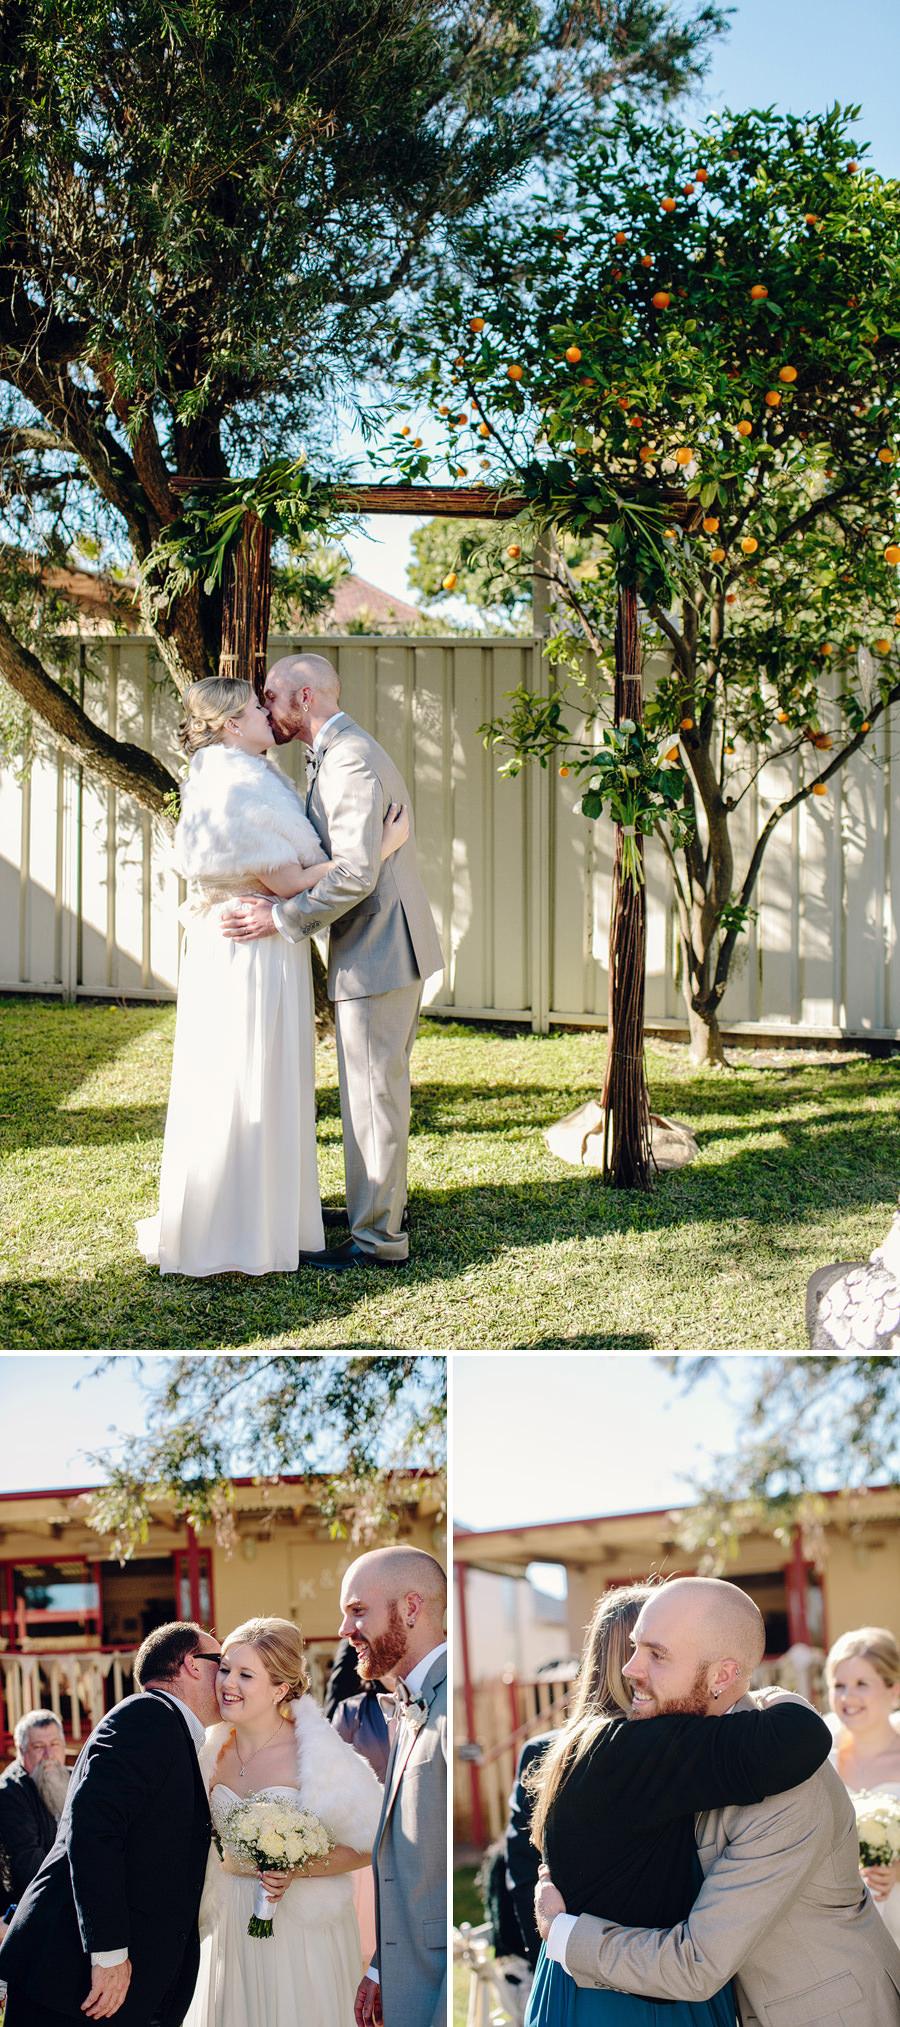 Winter Wedding Photographers: Ceremony